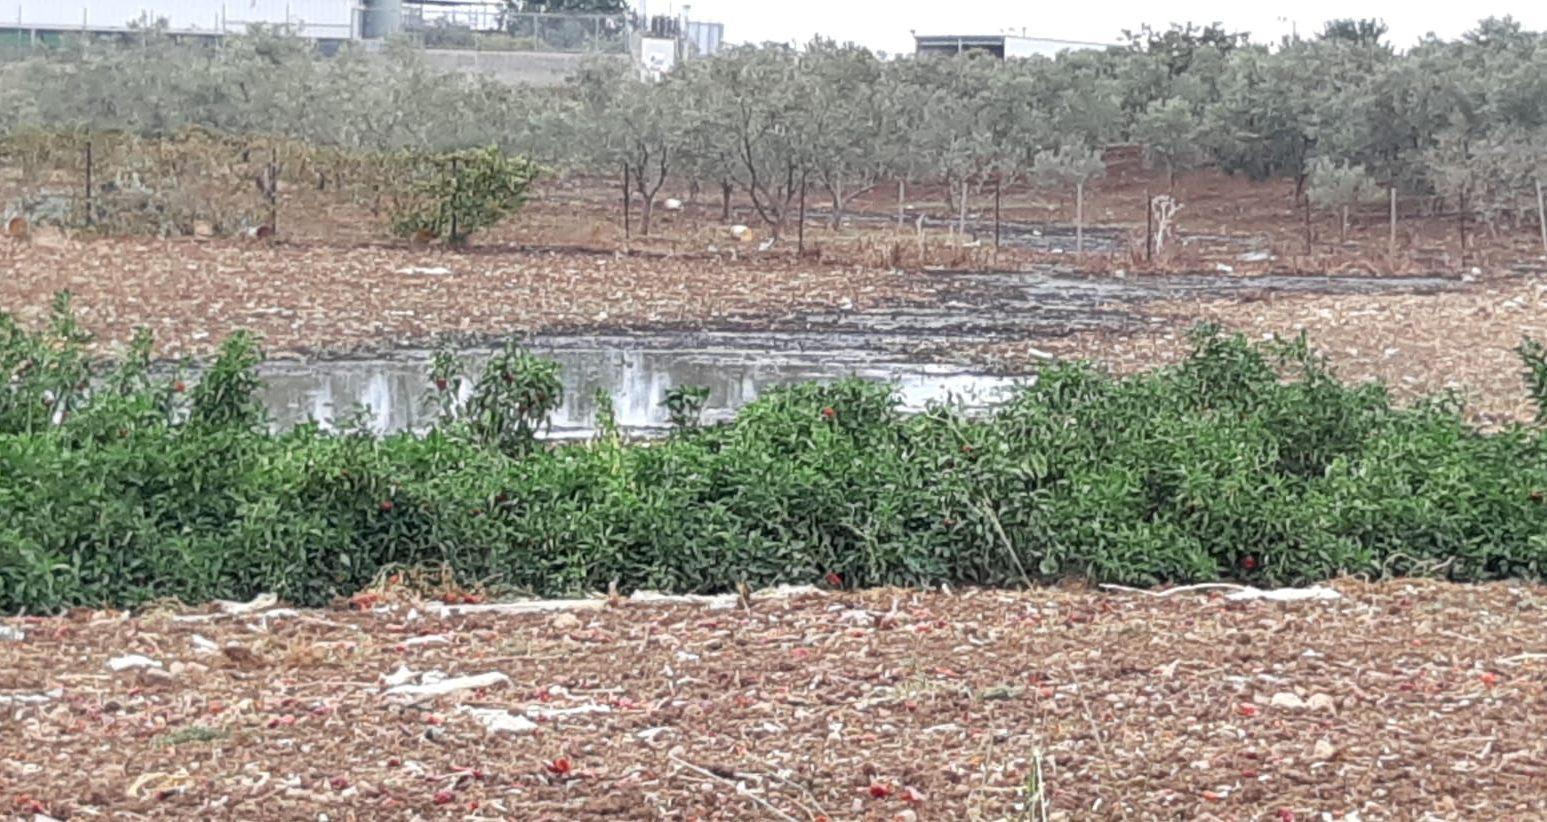 המשרד לאיכות הסביבה עצר הזרמת זיהום ממפעל בד לשטחים חקלאים בגליל המערבי | צפו